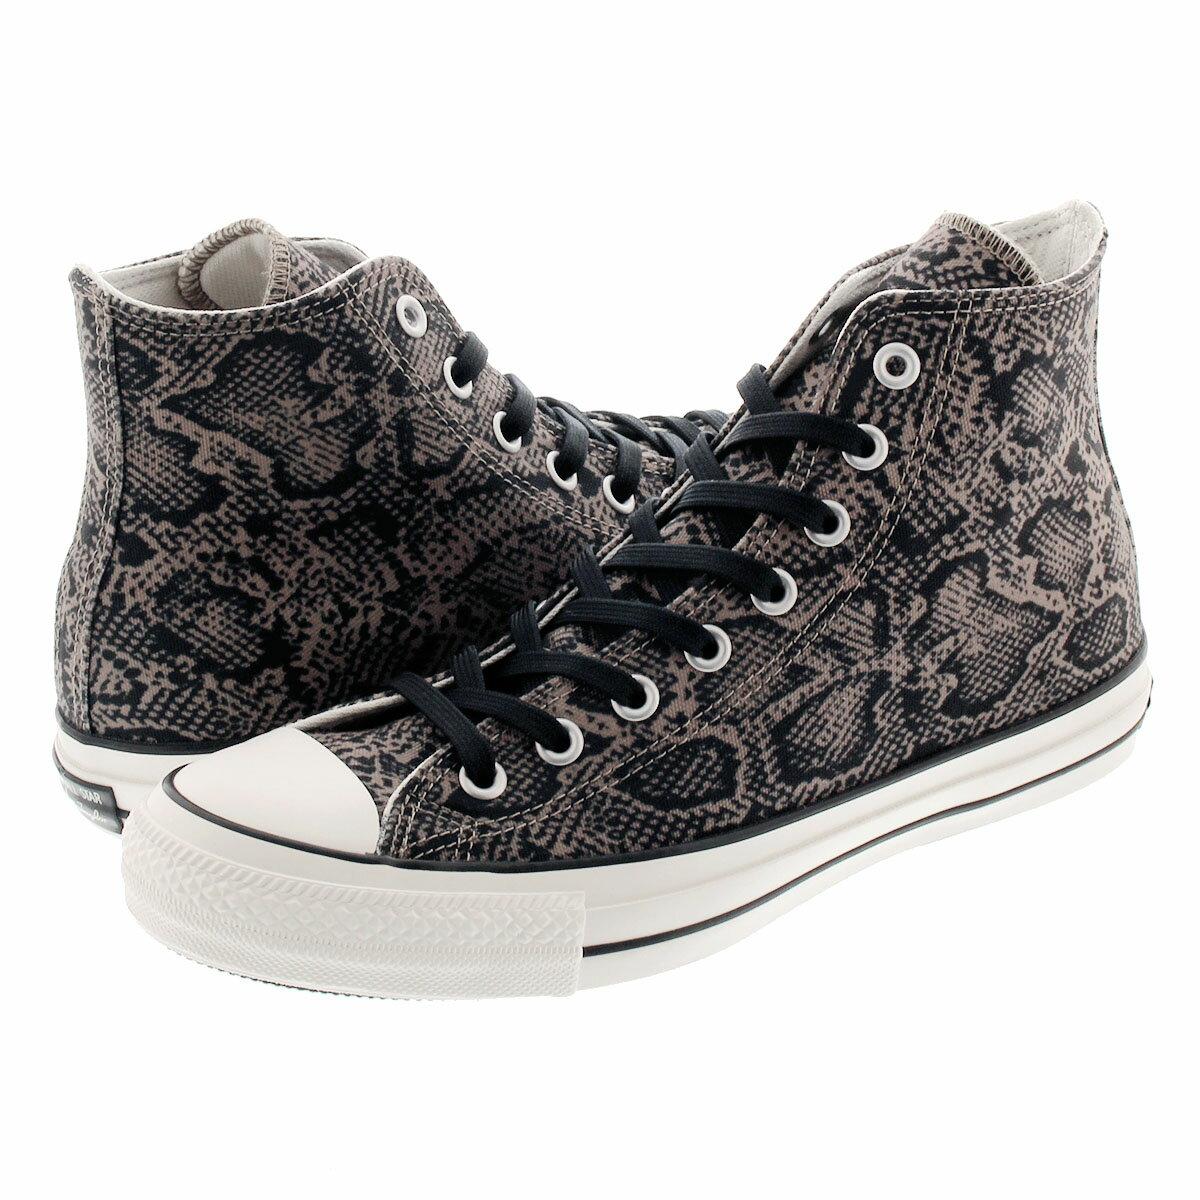 レディース靴, スニーカー CONVERSE ALL STAR 100 SNAKE HI 100 BROWN 31300881